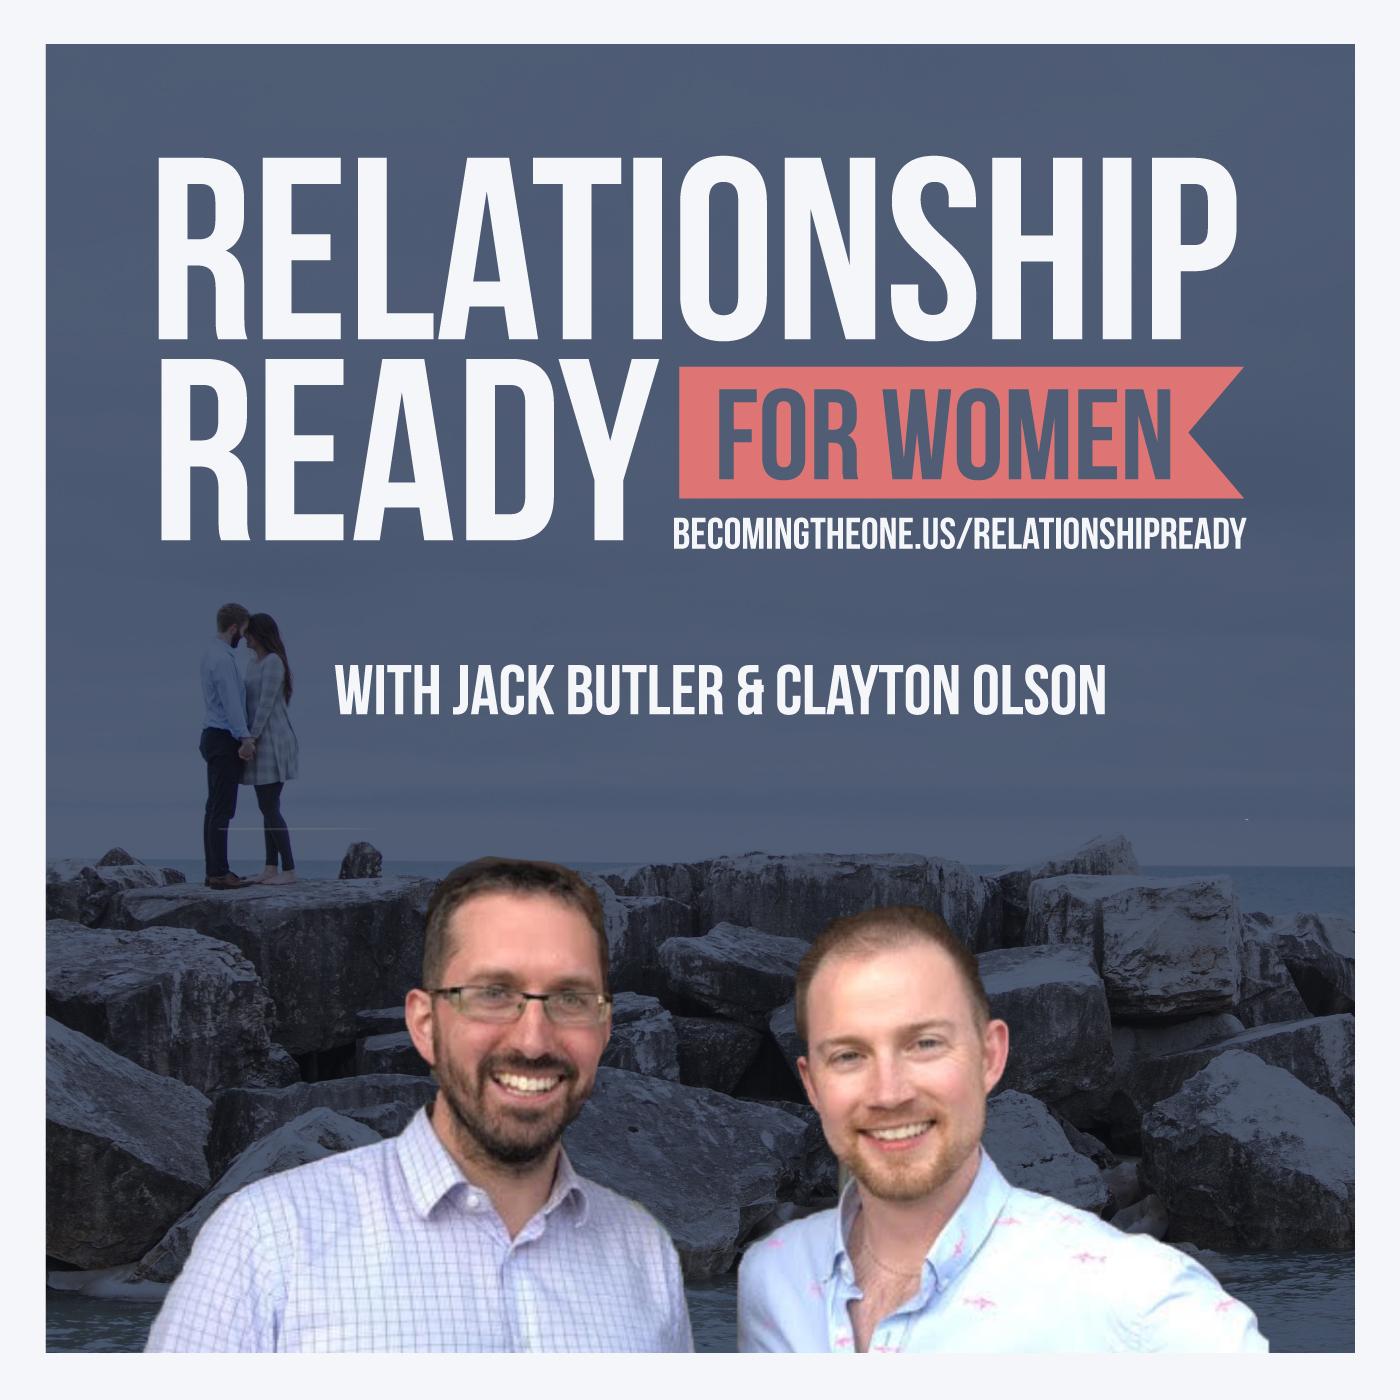 Relationship Ready - 3 Traits of A Trustworthy Man